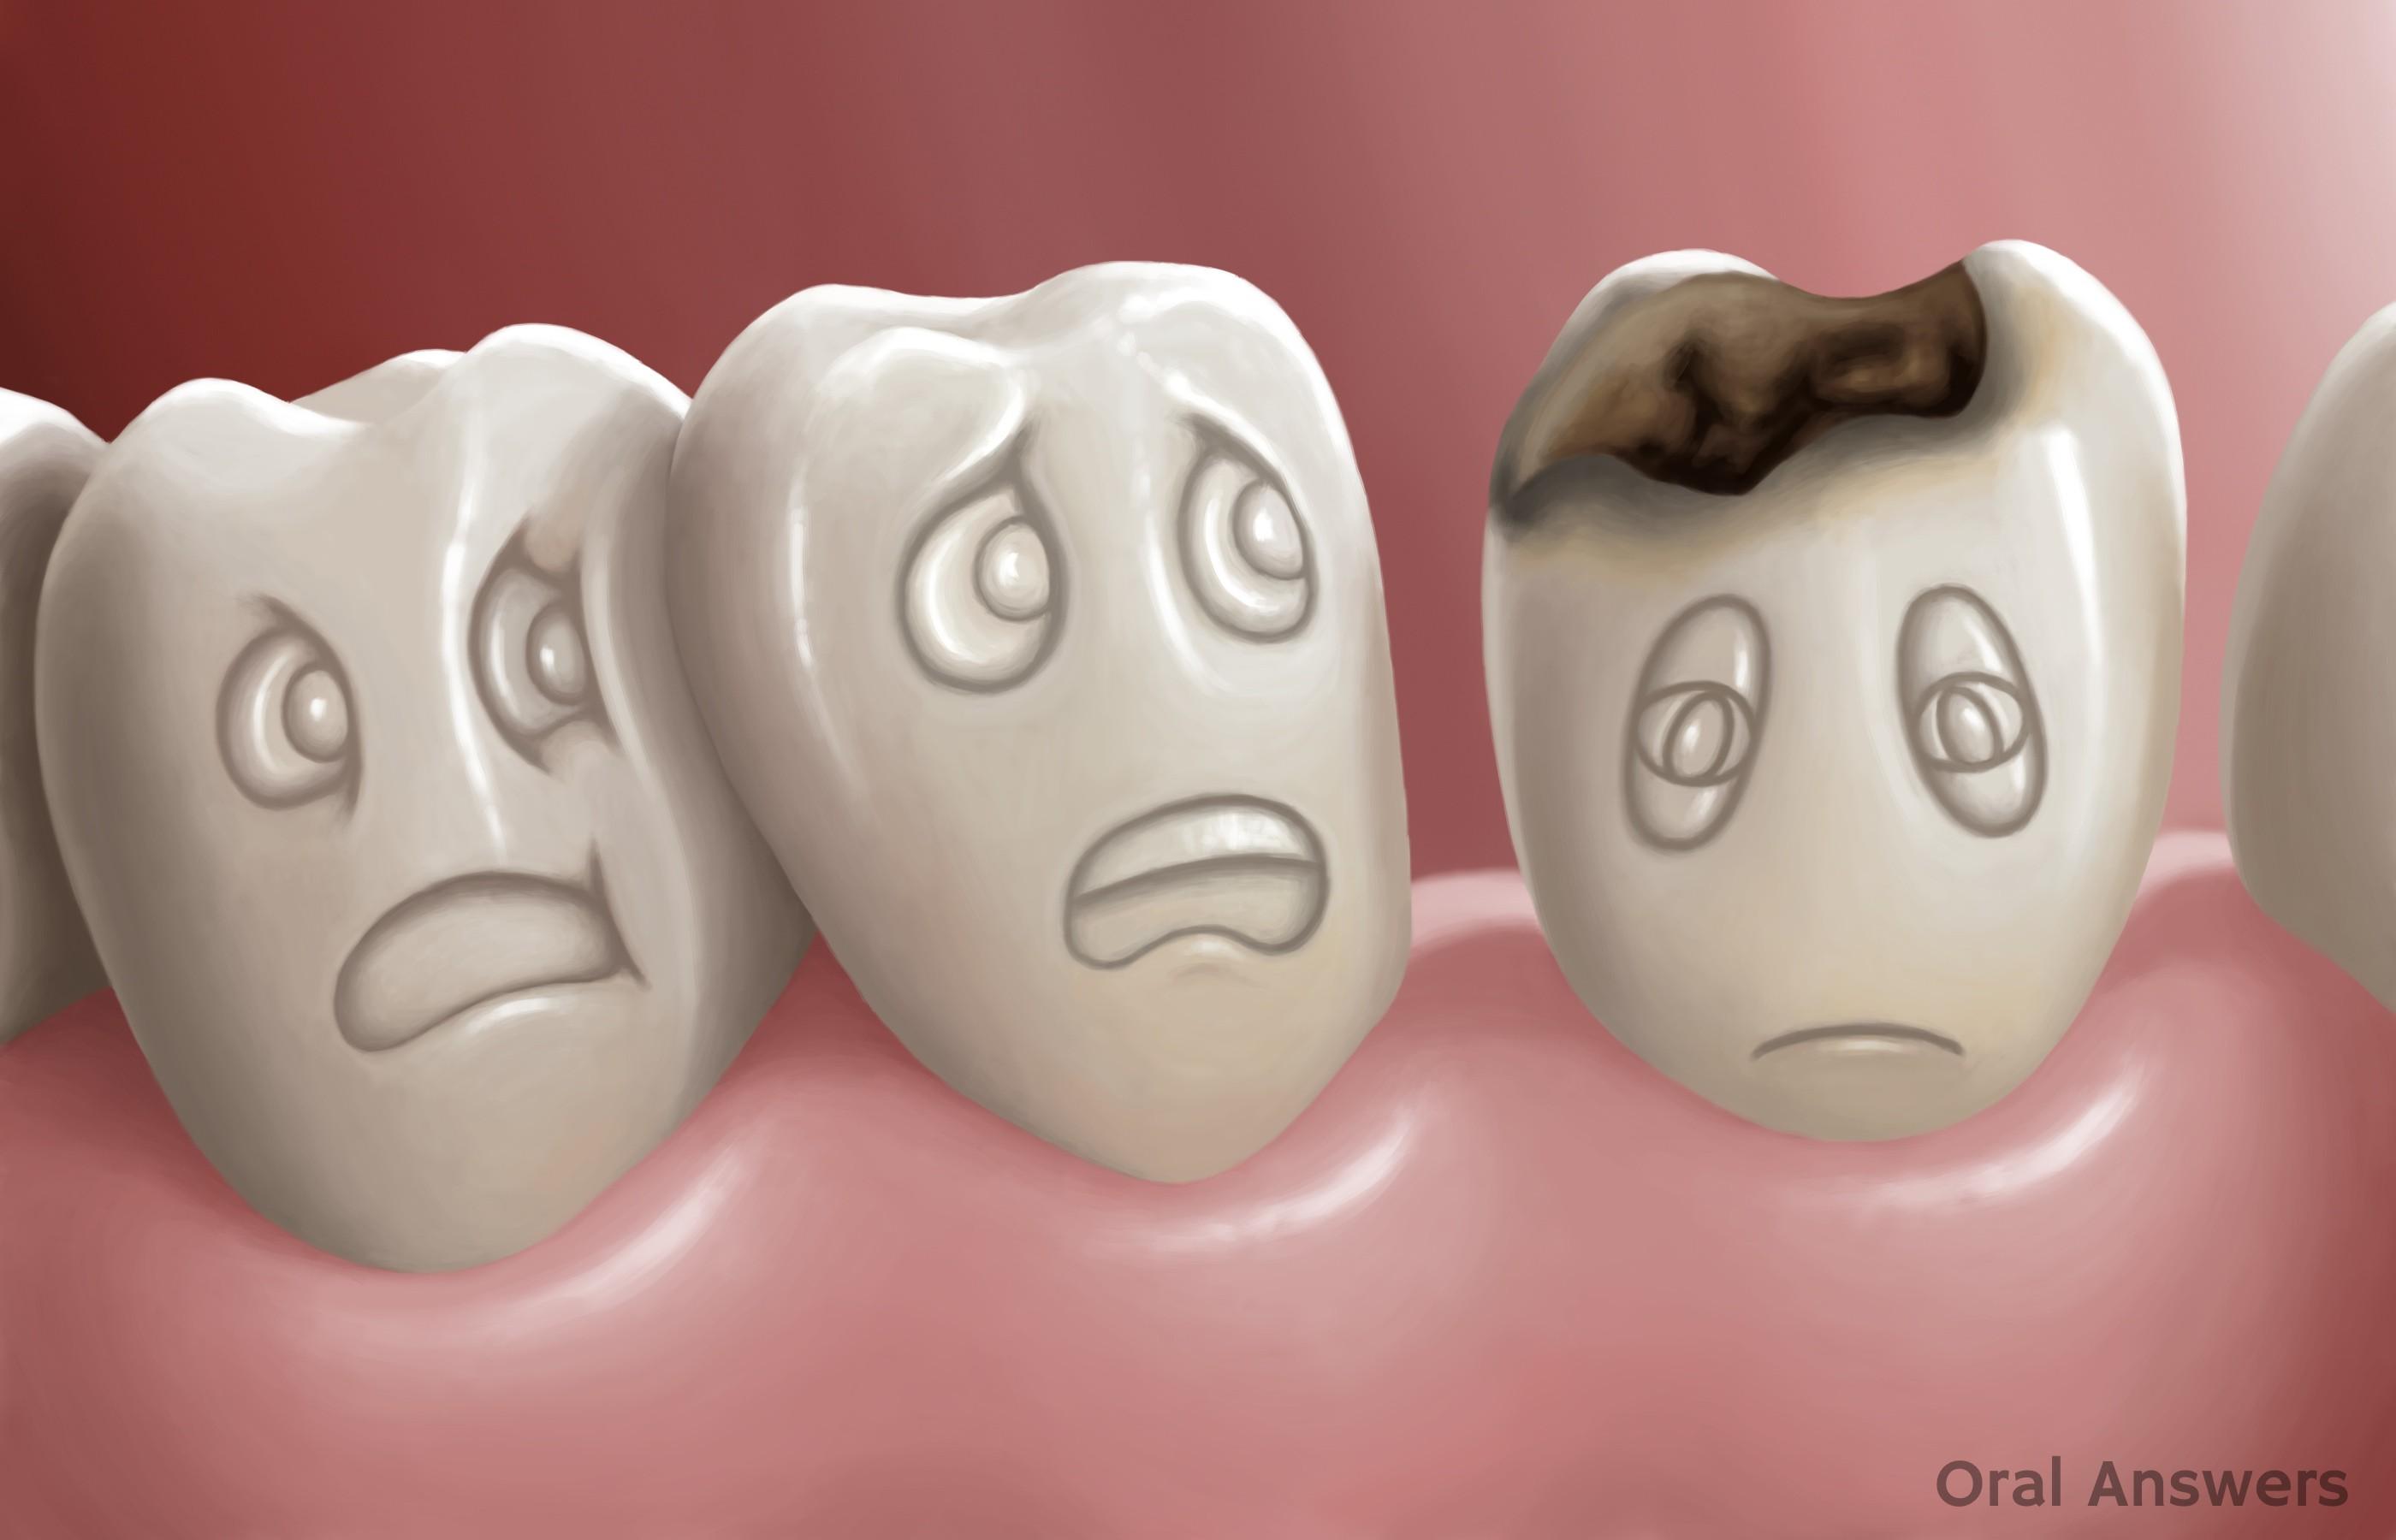 Naujausi tyrimai: Vaistai nuo Alzhaimerio skatina natūralius procesus dantyje.